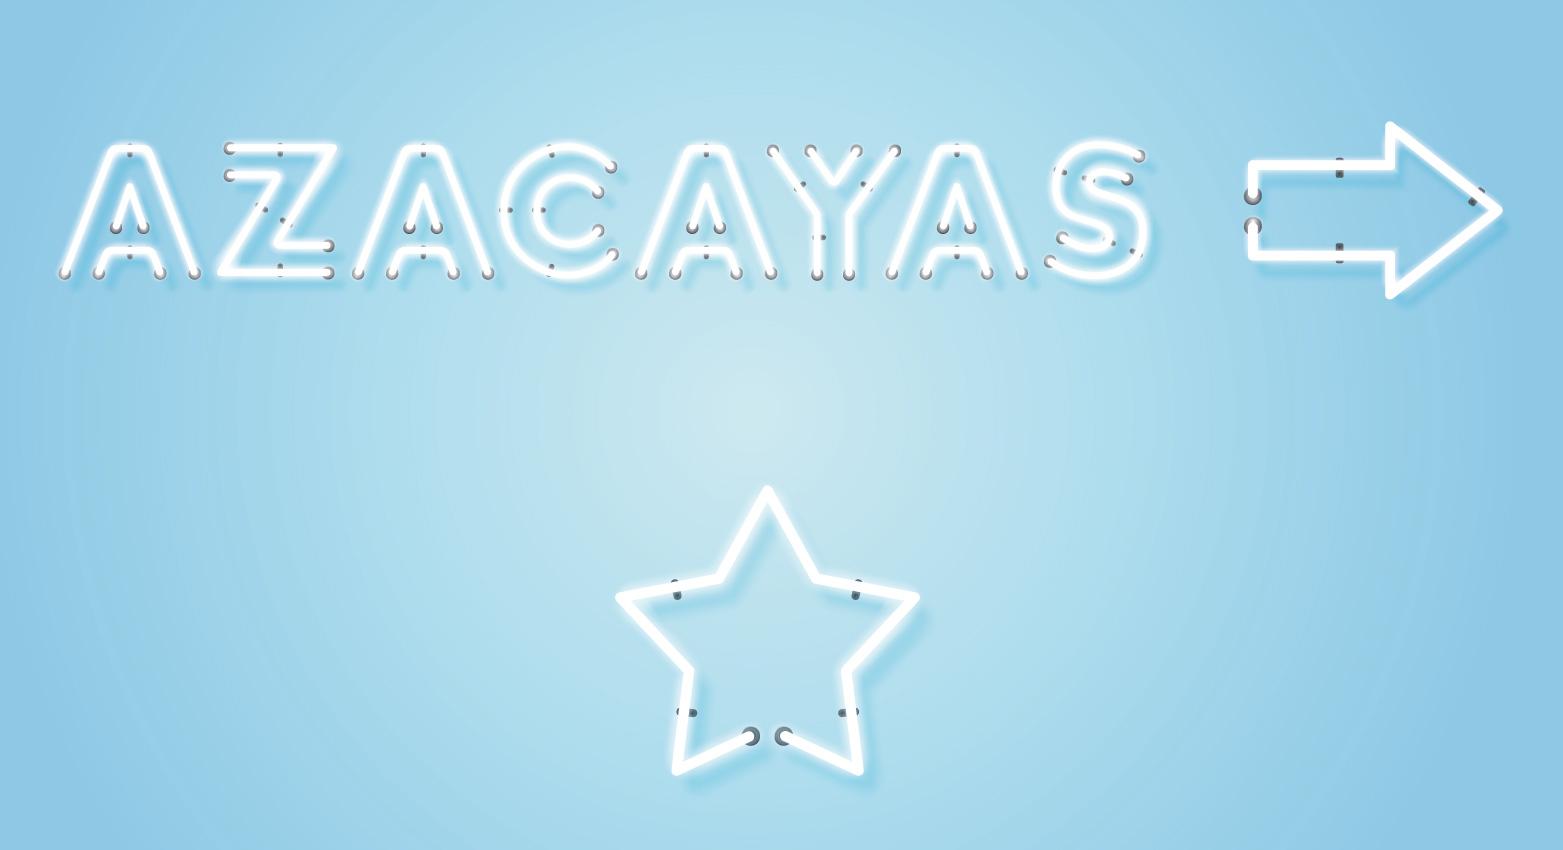 Azacayas-02